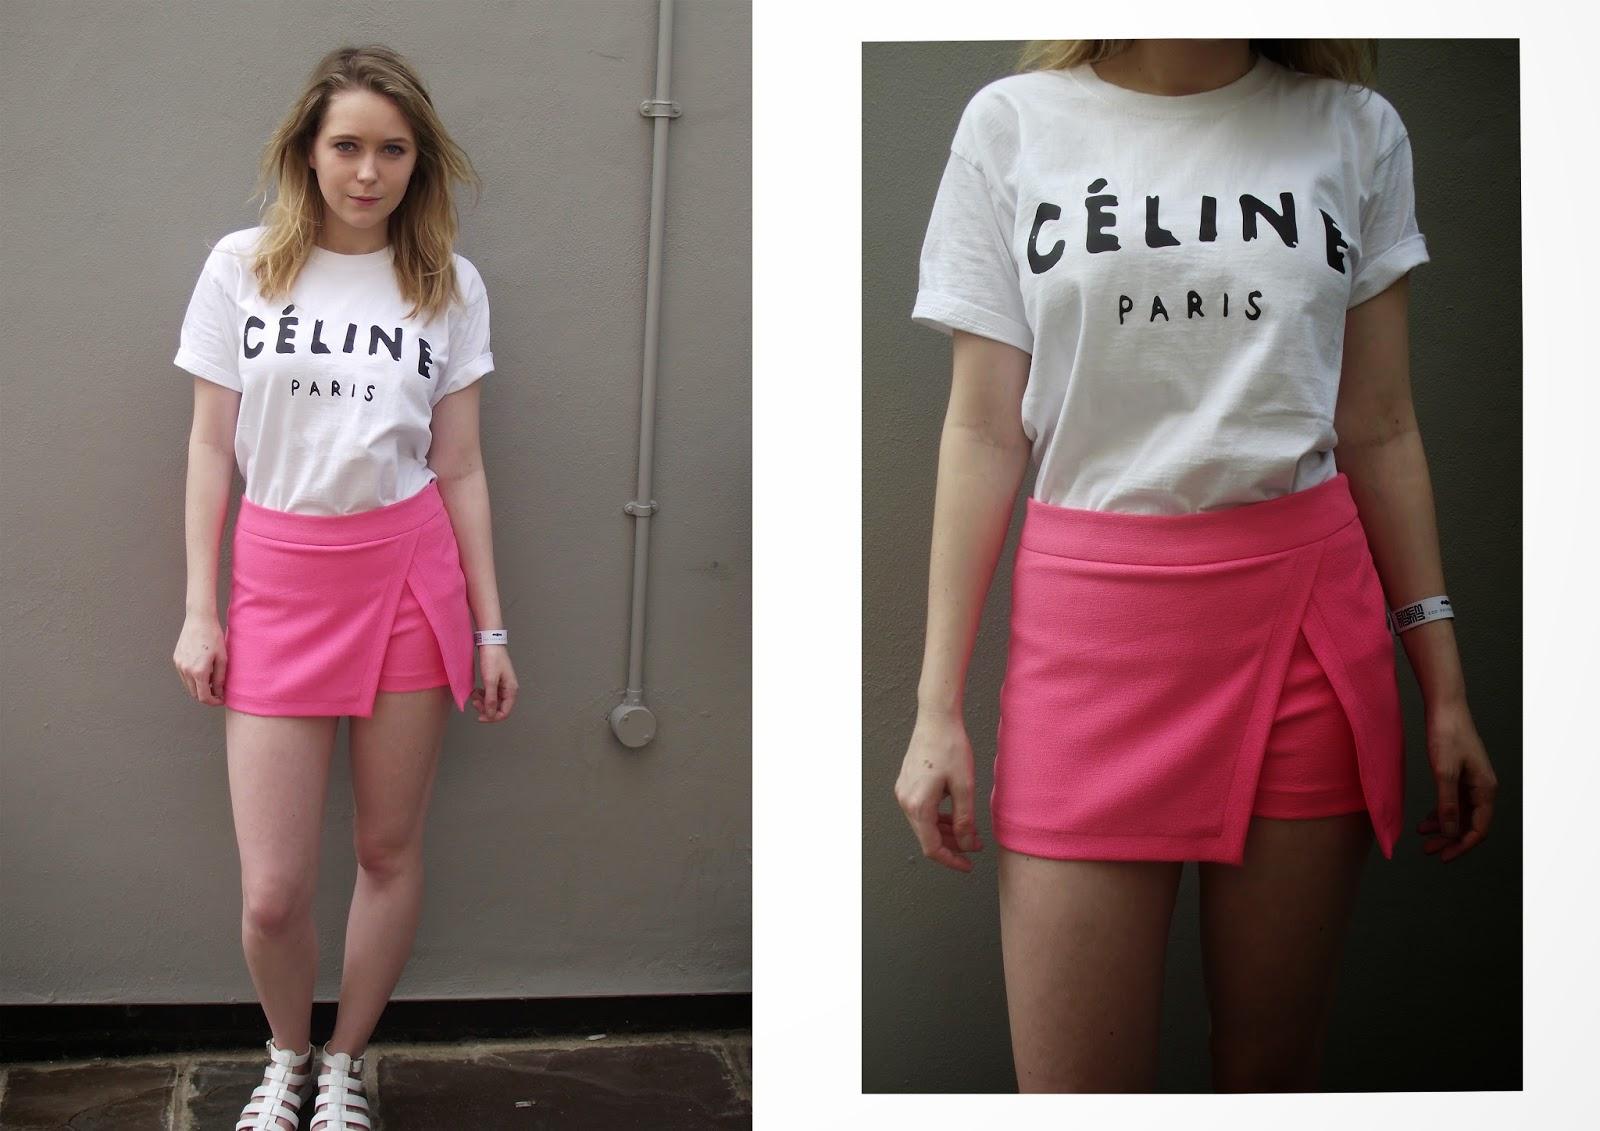 Lrsmth-Fashion - Pink feat Primark & Celine